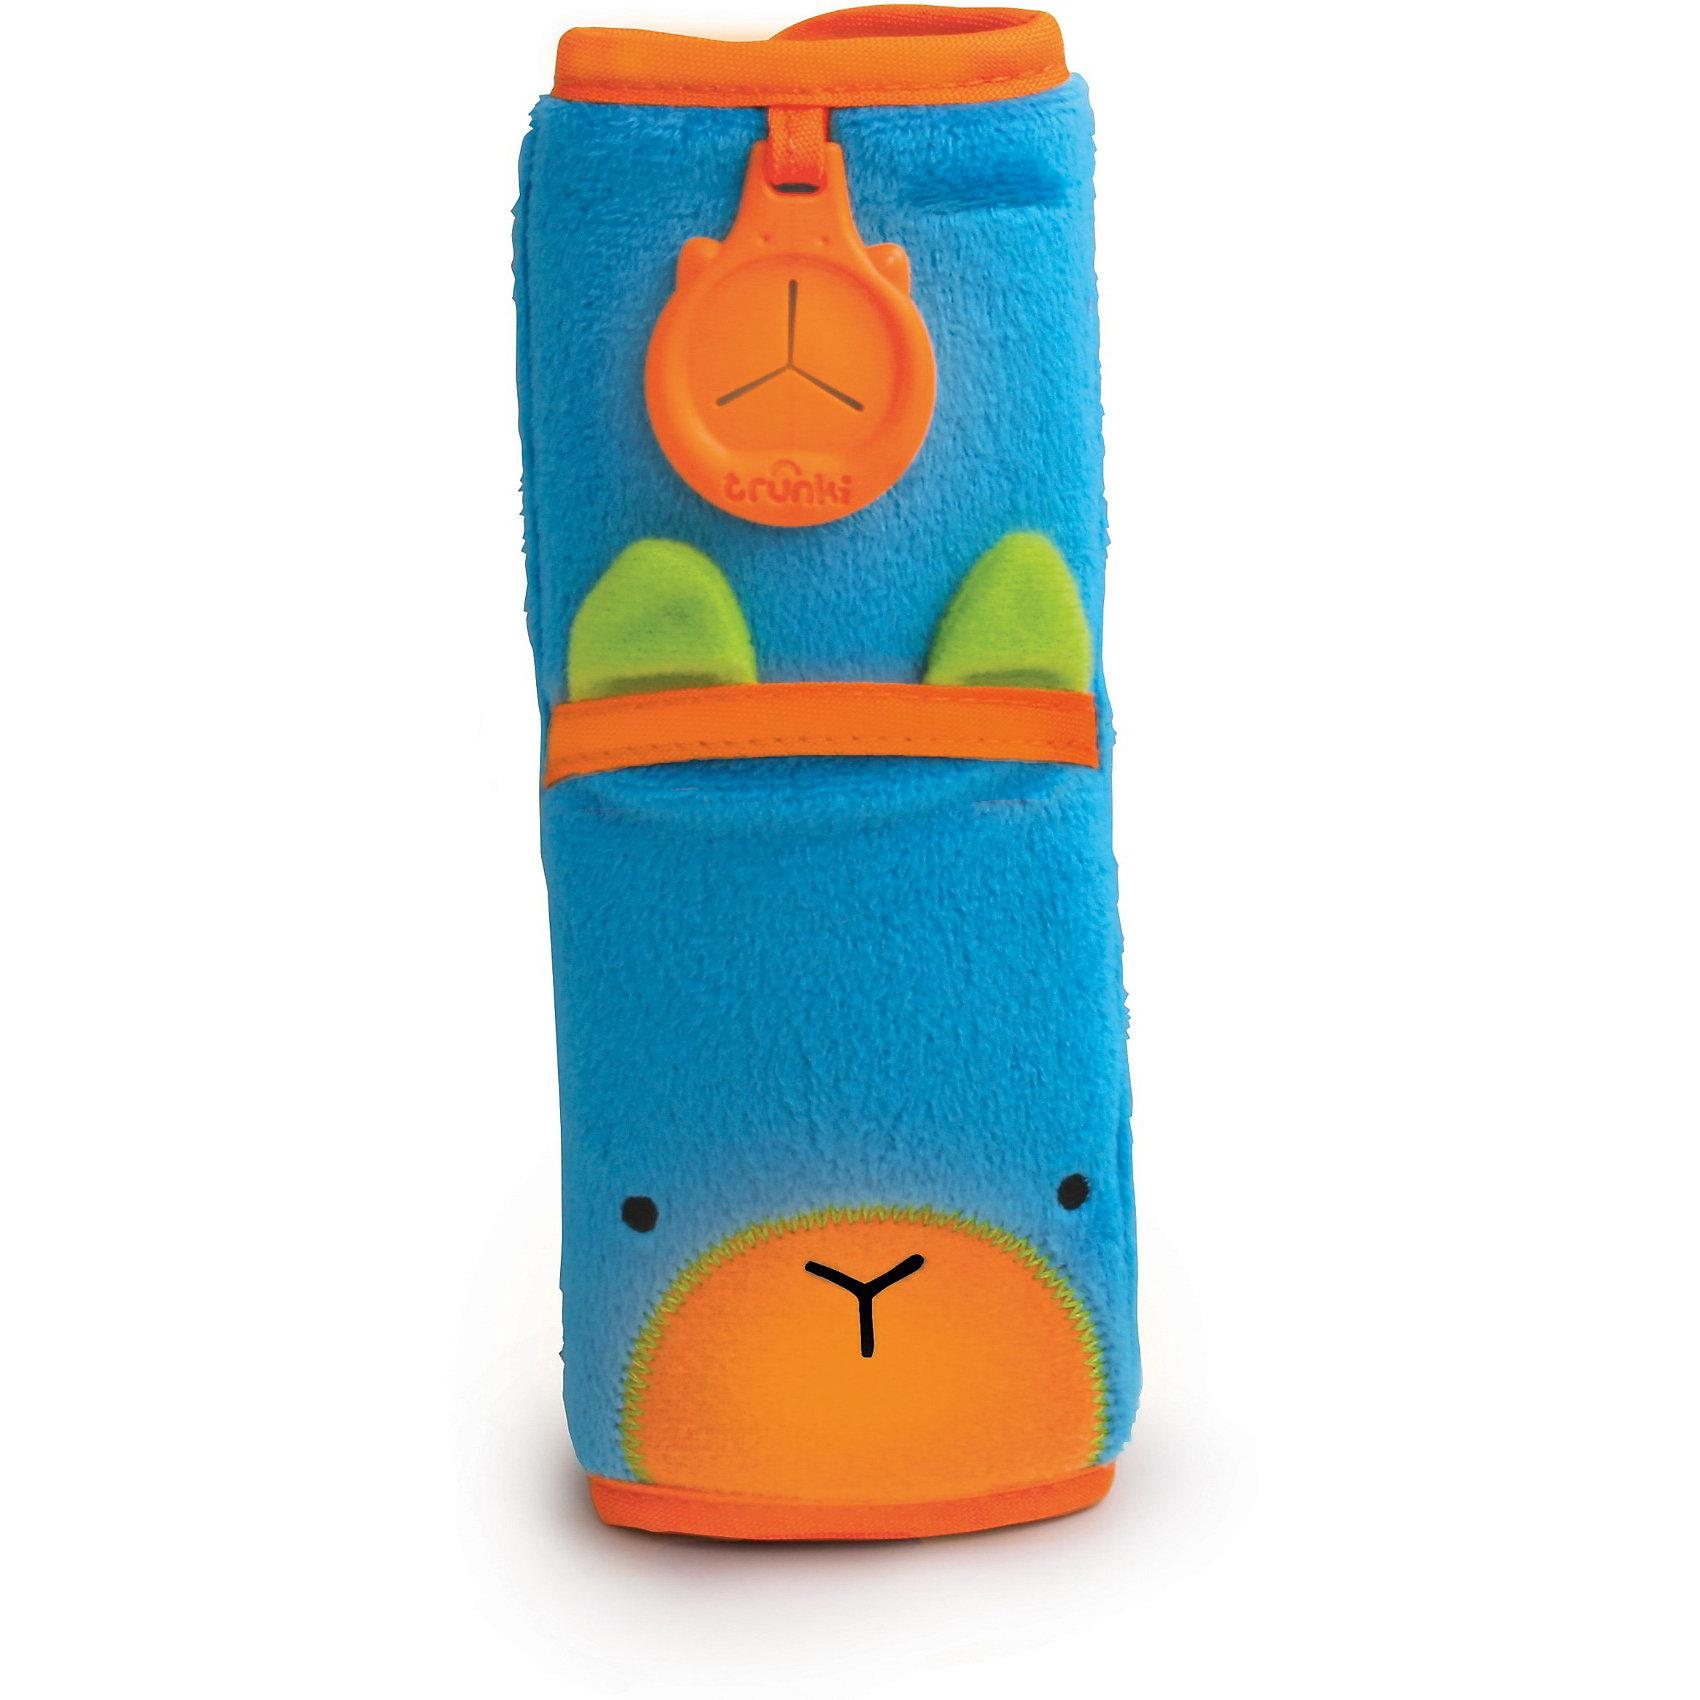 Голубая накладка-чехол для ремня безопасности в автоМягкая и функциональная накладка-чехол для ремня безопасности голубого цвета от всемирно-известного производителя чемоданов и дорожных аксессуаров Trunki (Транки) сделает путешествие ребенка комфортным и безопасным. Накладка из мягкого приятного на ощупь материала легко закрепляется на ремне благодаря липучке и позволяет избежать трения и неприятного давления на плечи и грудь ребенка. Накладка выполнена в голубом цвете с яркой оранжевой отделкой. Вместительный карман позволяет положить внутрь мобильный телефон, MP3 плеер или любимую игрушку небольшого размера. Универсальный держатель Trunki (Транки) Grip позволяет закрепить одеяло или же повесить солнцезащитные детские очки. <br><br>Дополнительная информация:<br><br>- Материал: текстиль, пластик.<br>- Размер накладки: 18 х 7 см.<br>- Размер внутреннего кармана: 10 х 7 см.<br>- Возможно использование с детскими автокреслами.<br>- Цвет: оранжевый, голубой. <br><br>Голубую накладку-чехол для ремня безопасности можно купить в нашем магазине.<br><br>Ширина мм: 243<br>Глубина мм: 85<br>Высота мм: 36<br>Вес г: 35<br>Возраст от месяцев: 1<br>Возраст до месяцев: 1164<br>Пол: Унисекс<br>Возраст: Детский<br>SKU: 3711111